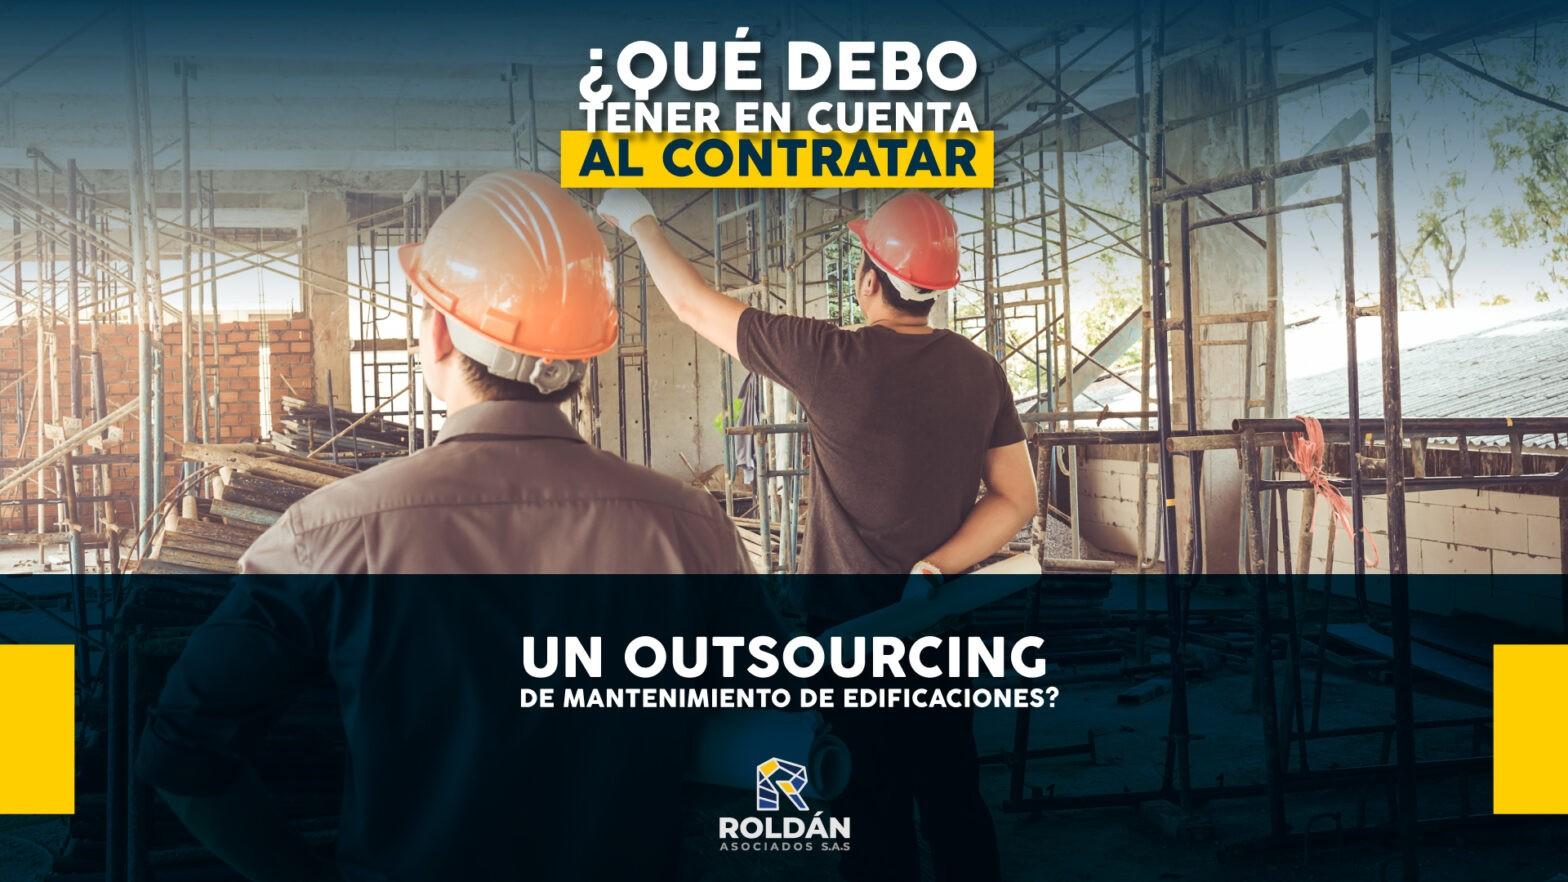 ¿Qué-debo-tener-en-cuenta-al-contratar-un-outsourcing-de-mantenimiento-de-edificaciones